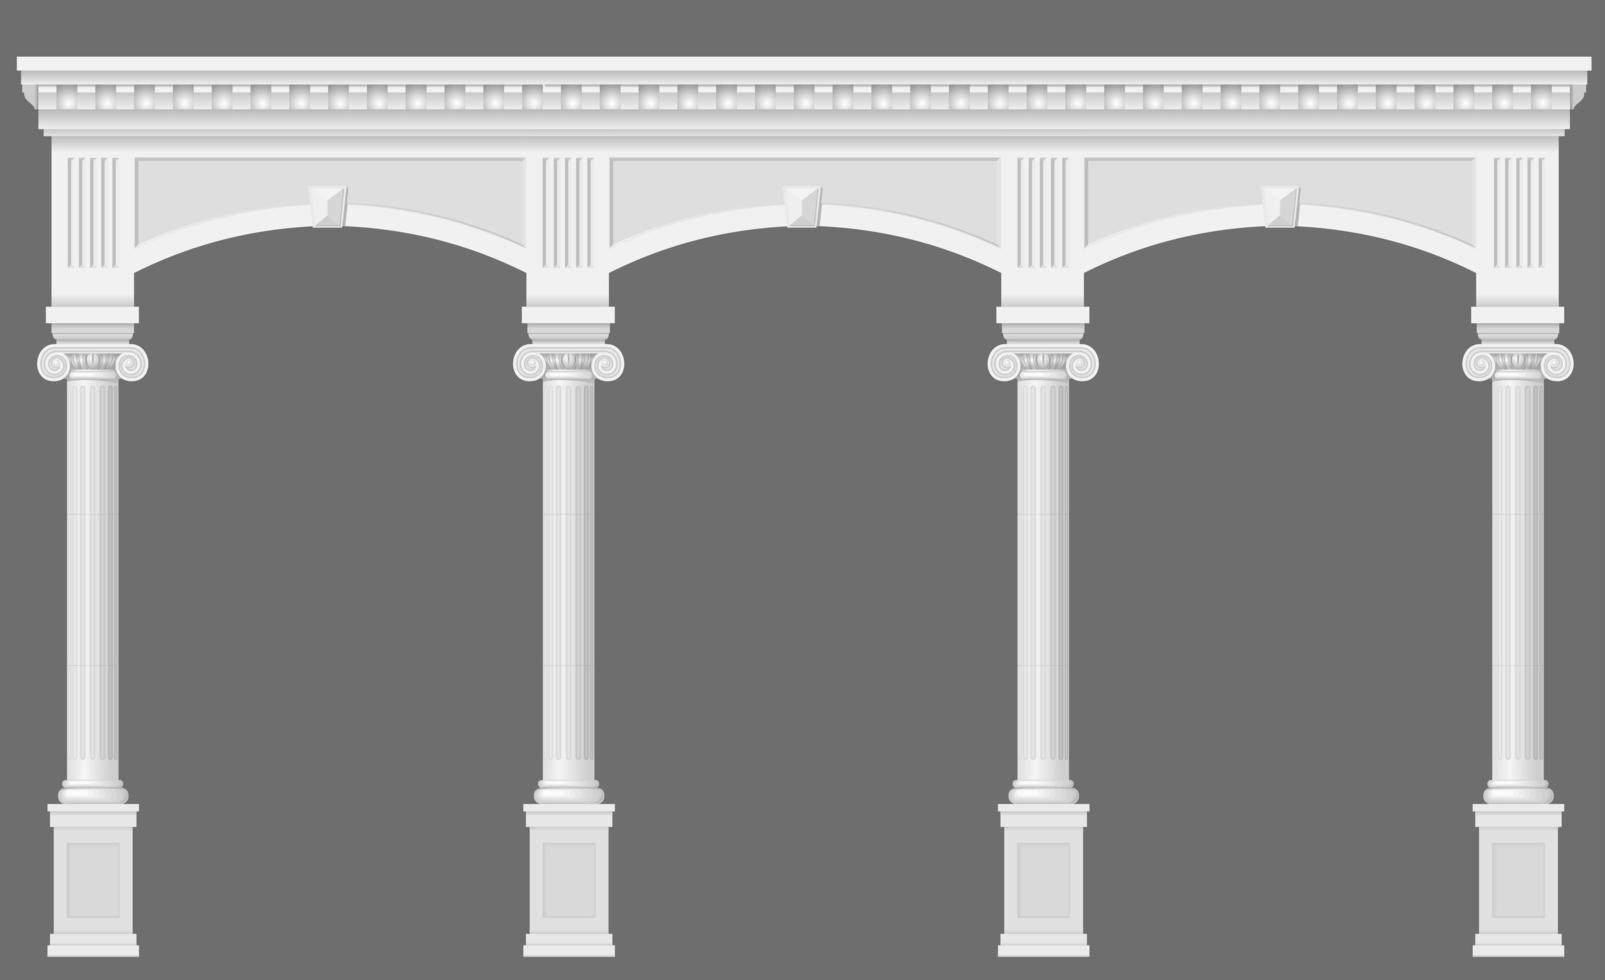 antigua columnata blanca con arcos vector